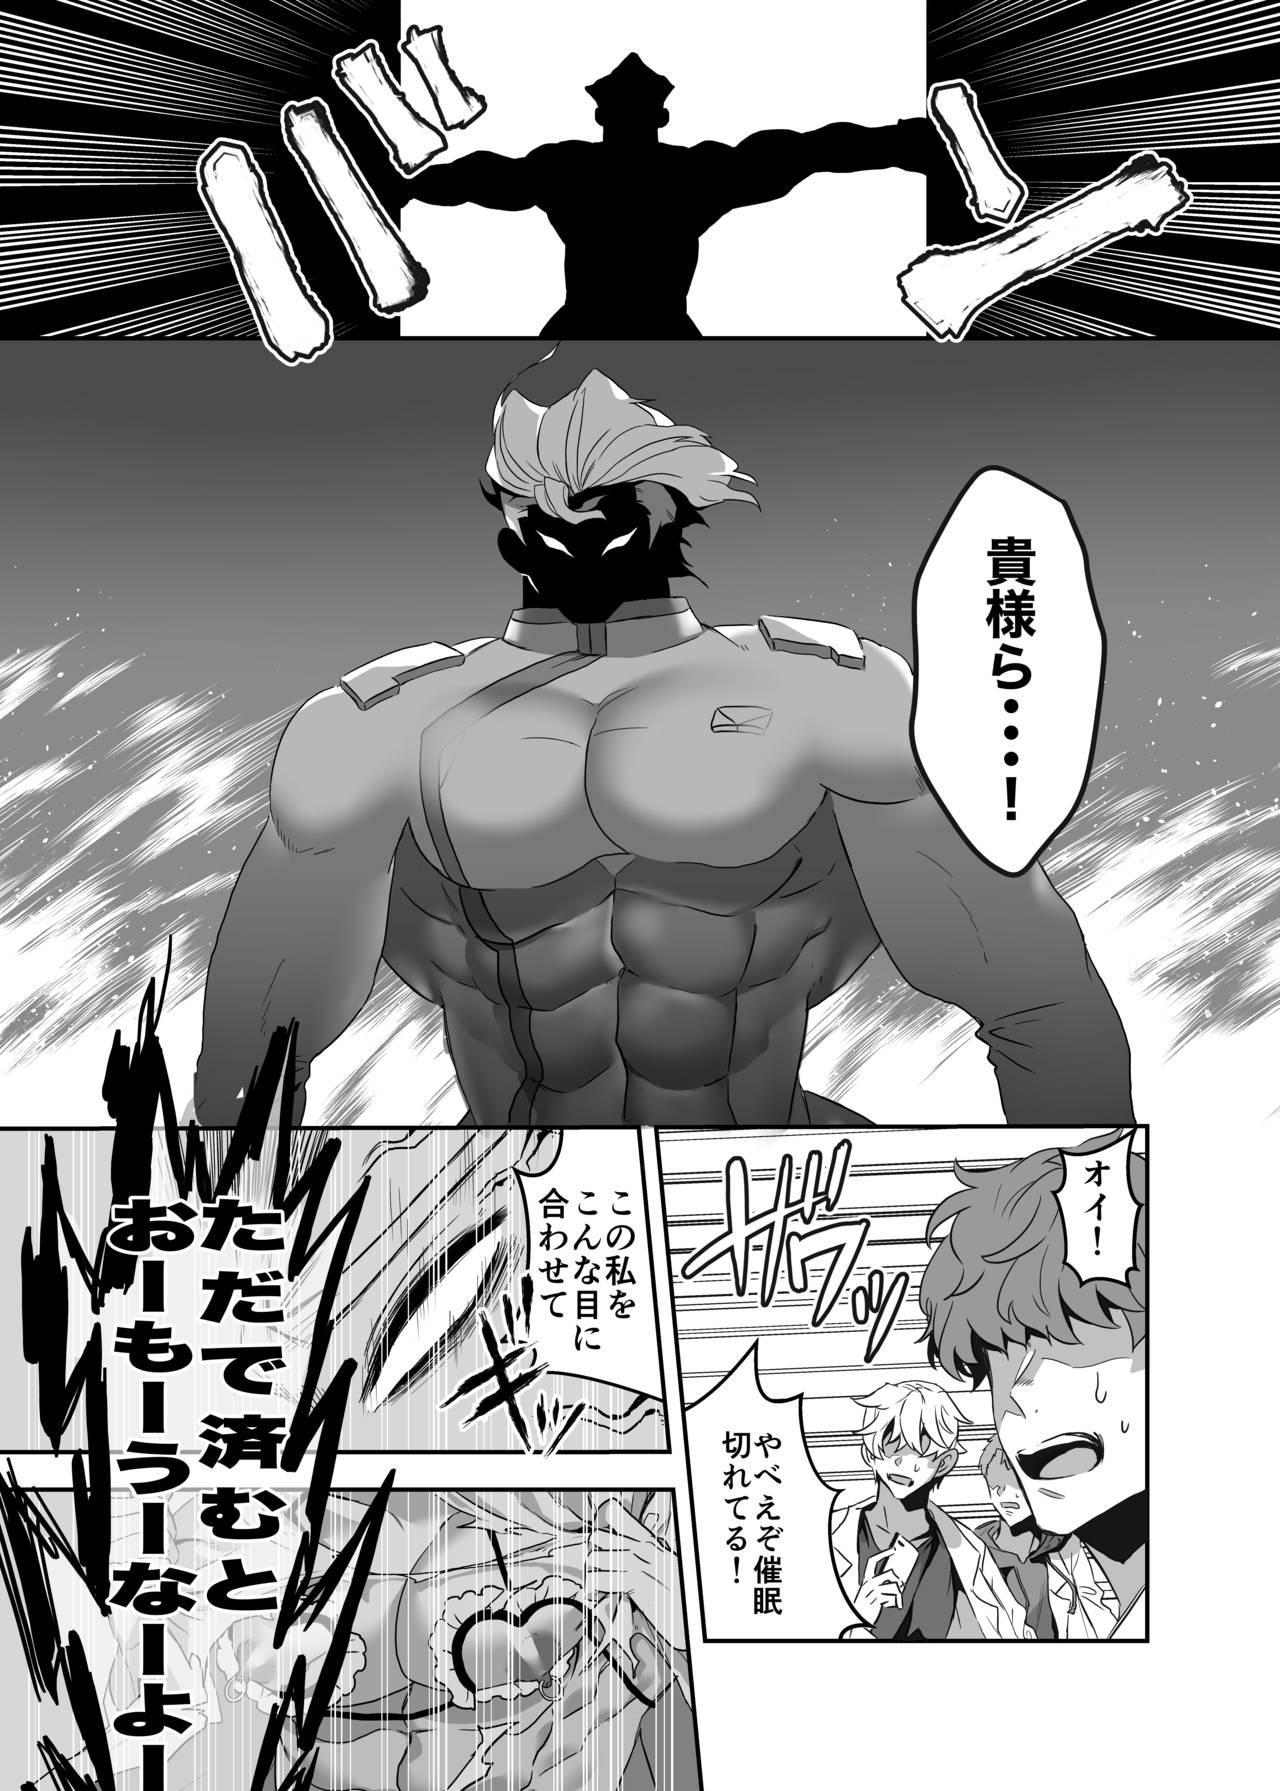 Masaka Ano Promepolis Shiseikan ga Saimin Appli de Seidorei ni Ochiru nante 13